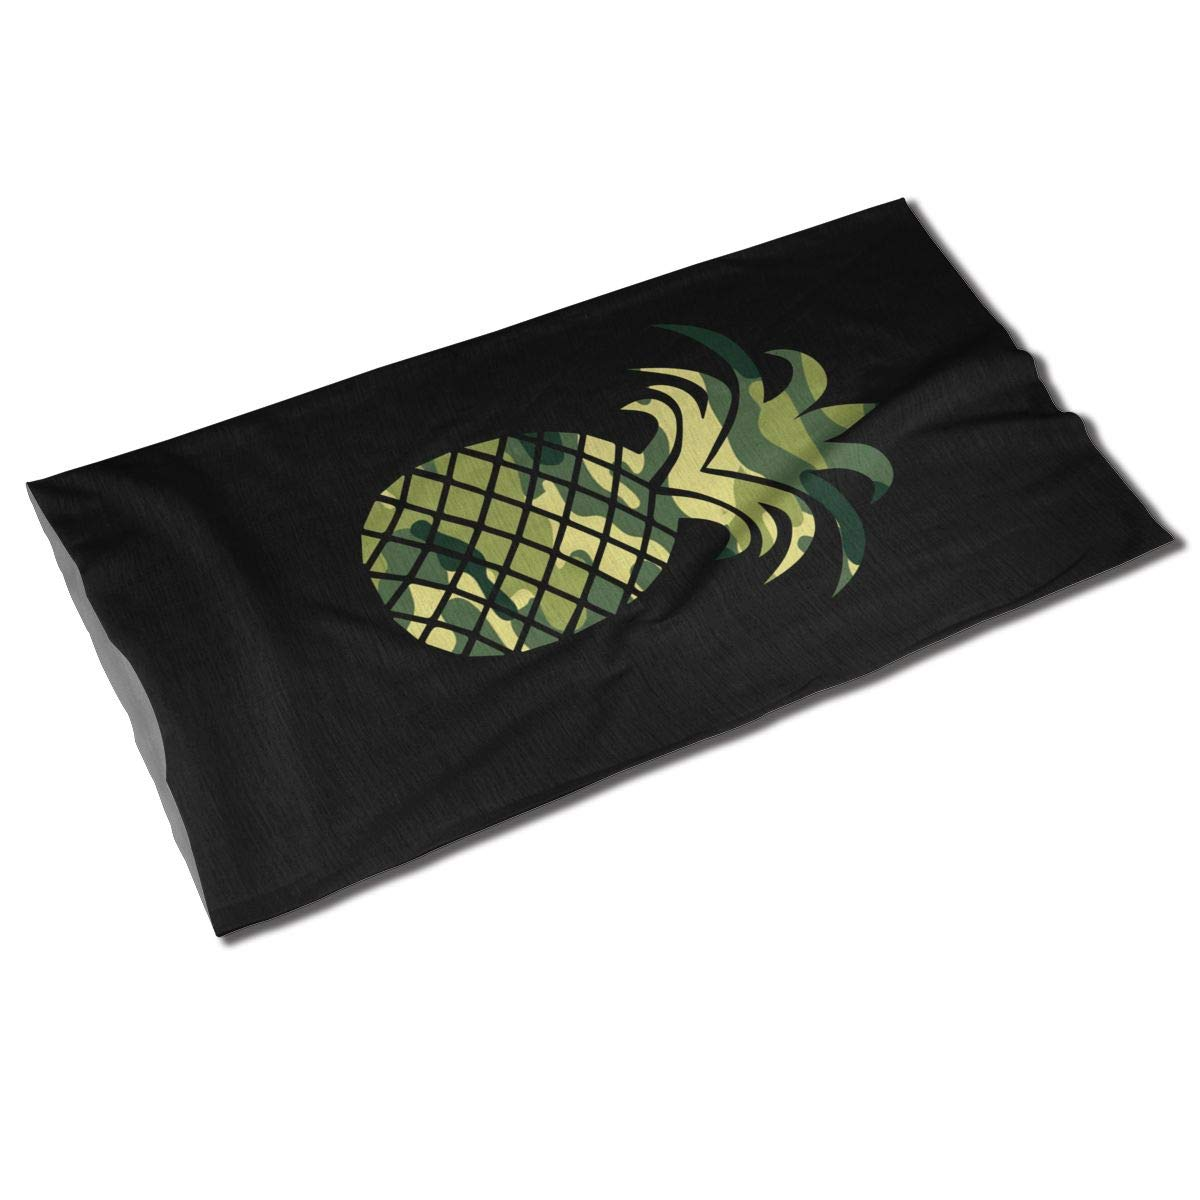 Diadema de camuflaje con forma de piña Unisex para exteriores, bufanda de deporte, banda para el cuello, banda para el pelo